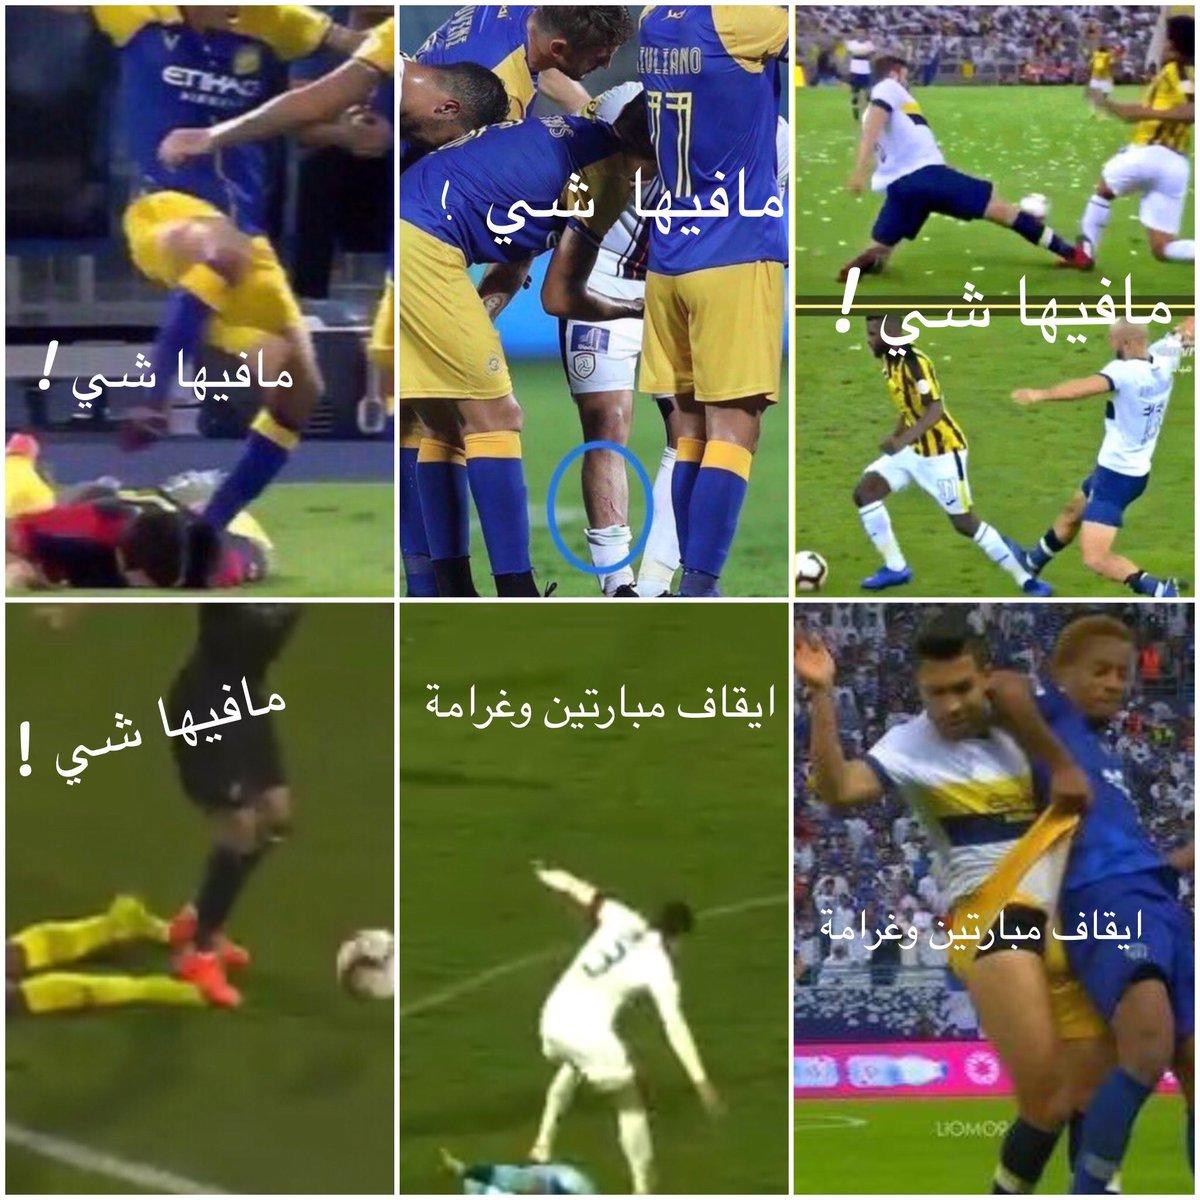 مُجَهّؤٌلُ (^_~)'s photo on #الانضباط_النصر_خط_احمر